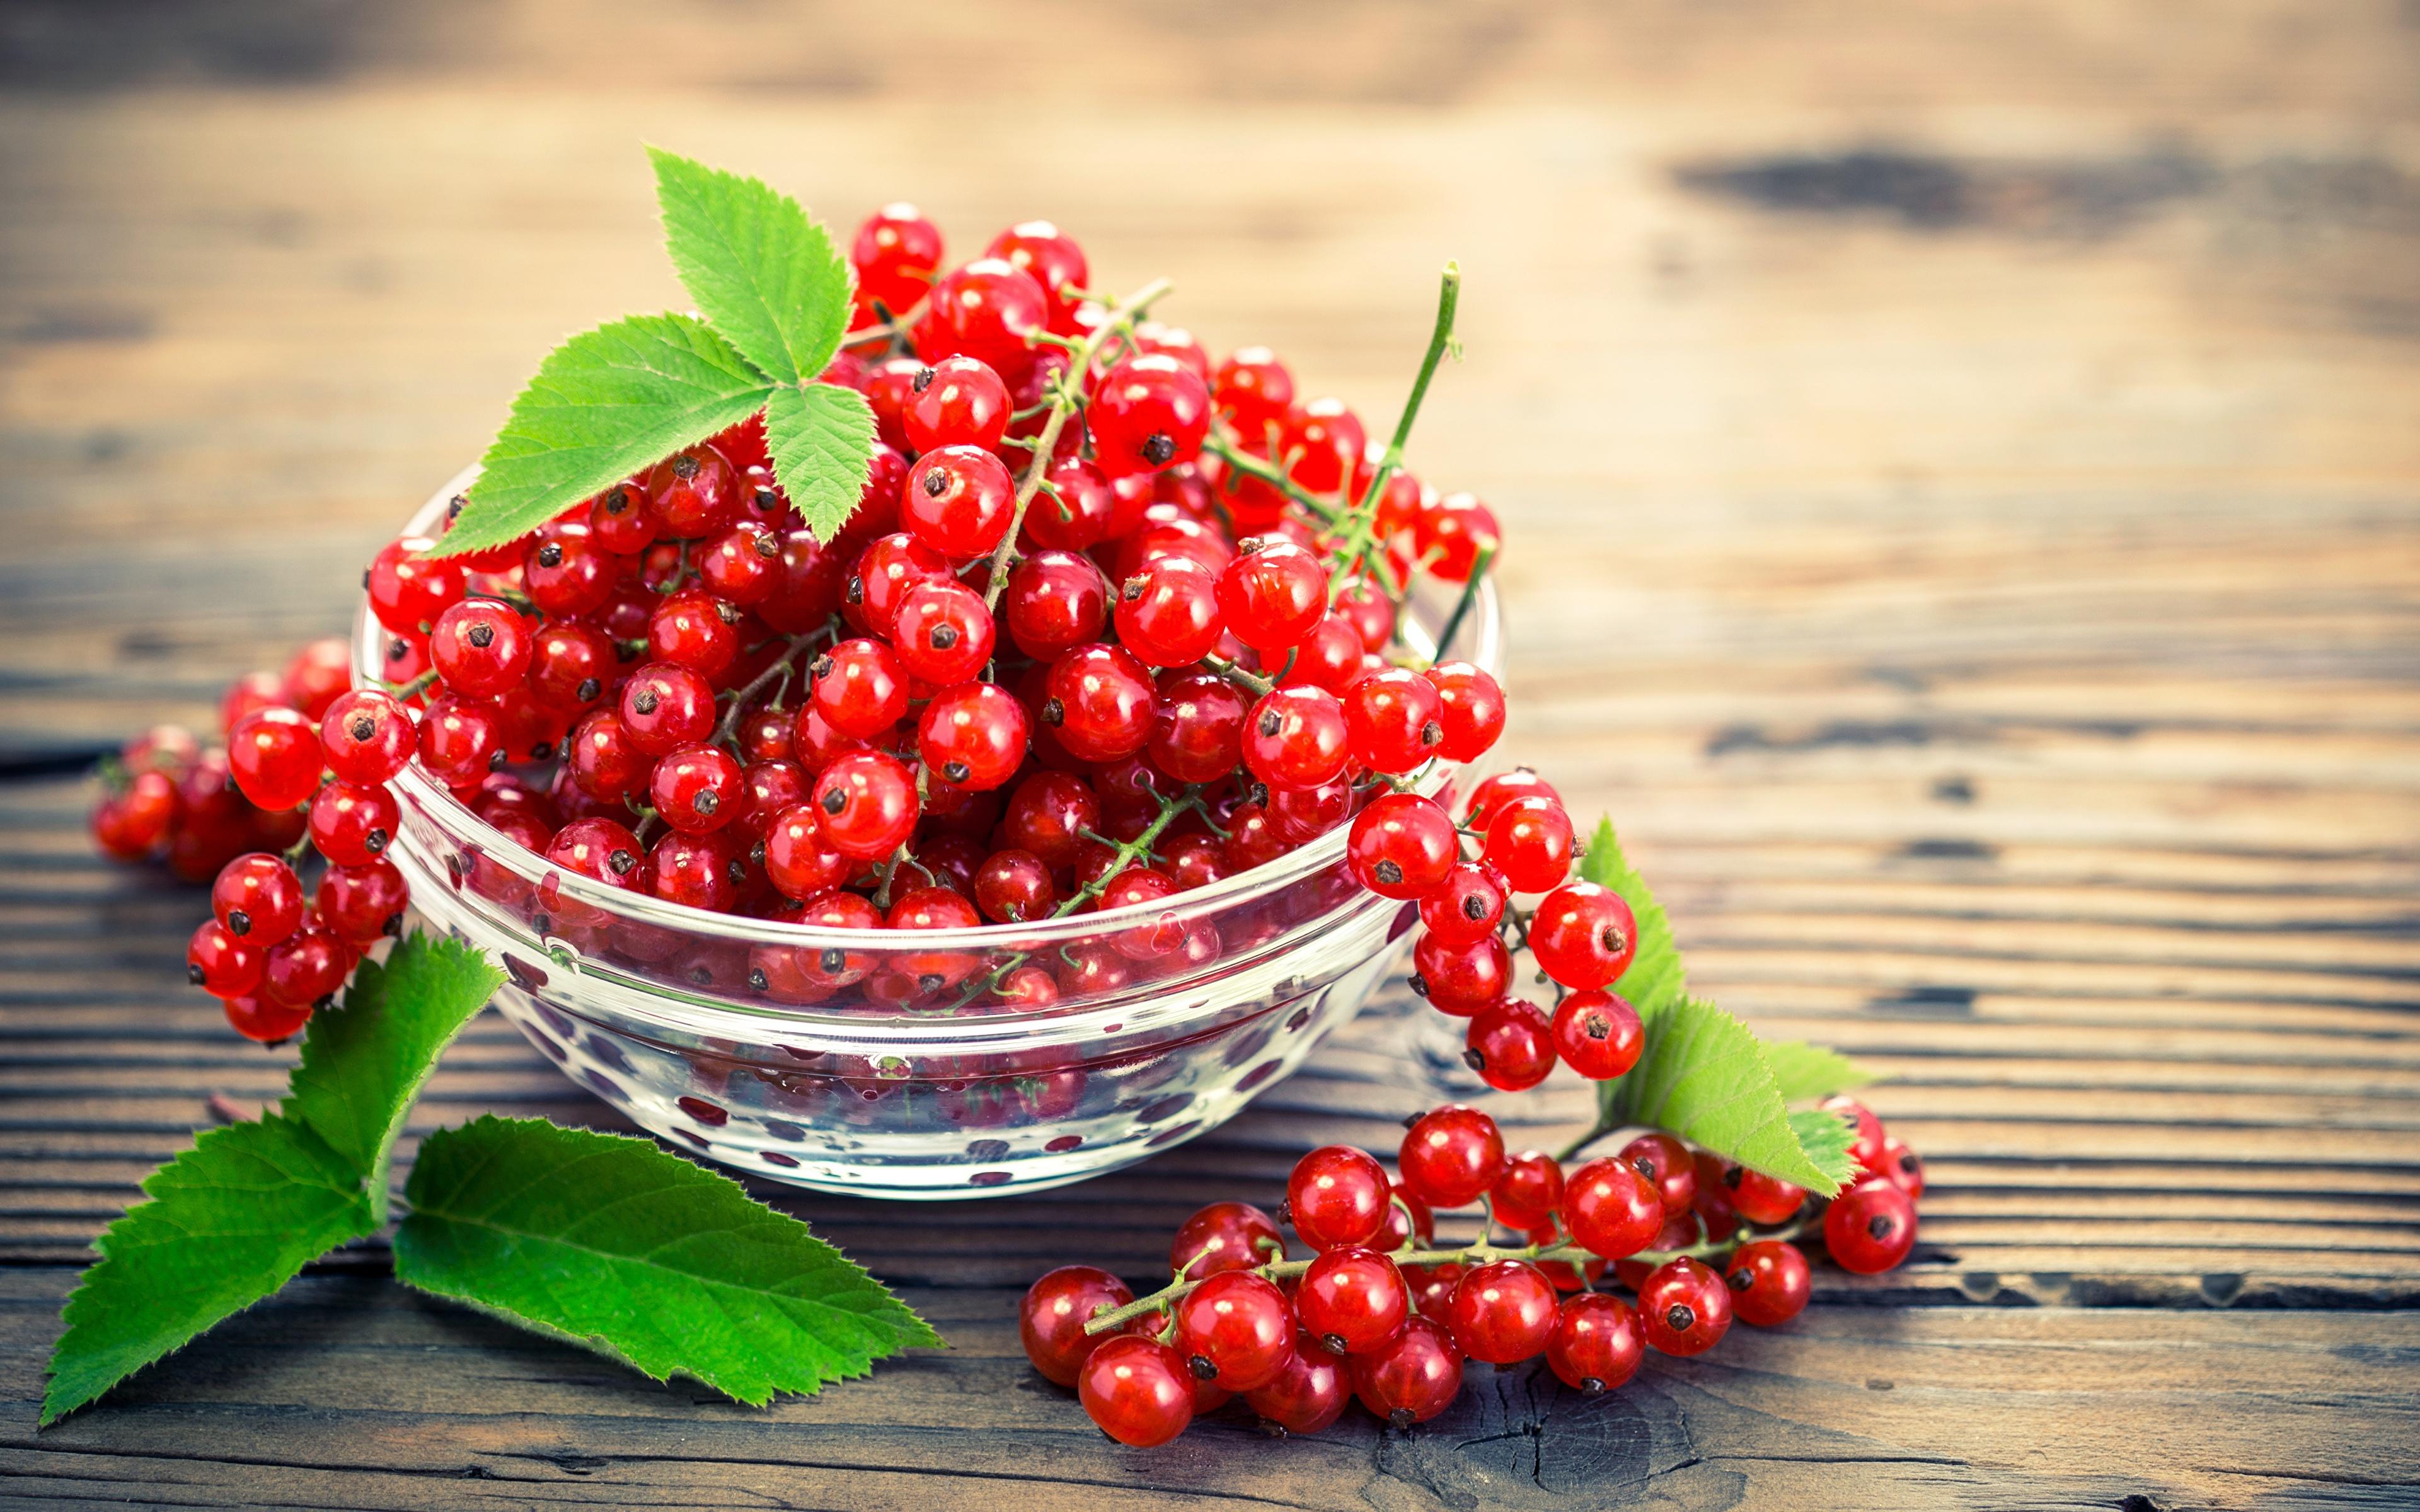 Картинки красных Миска Смородина Еда 3840x2400 красная красные Красный Пища Продукты питания